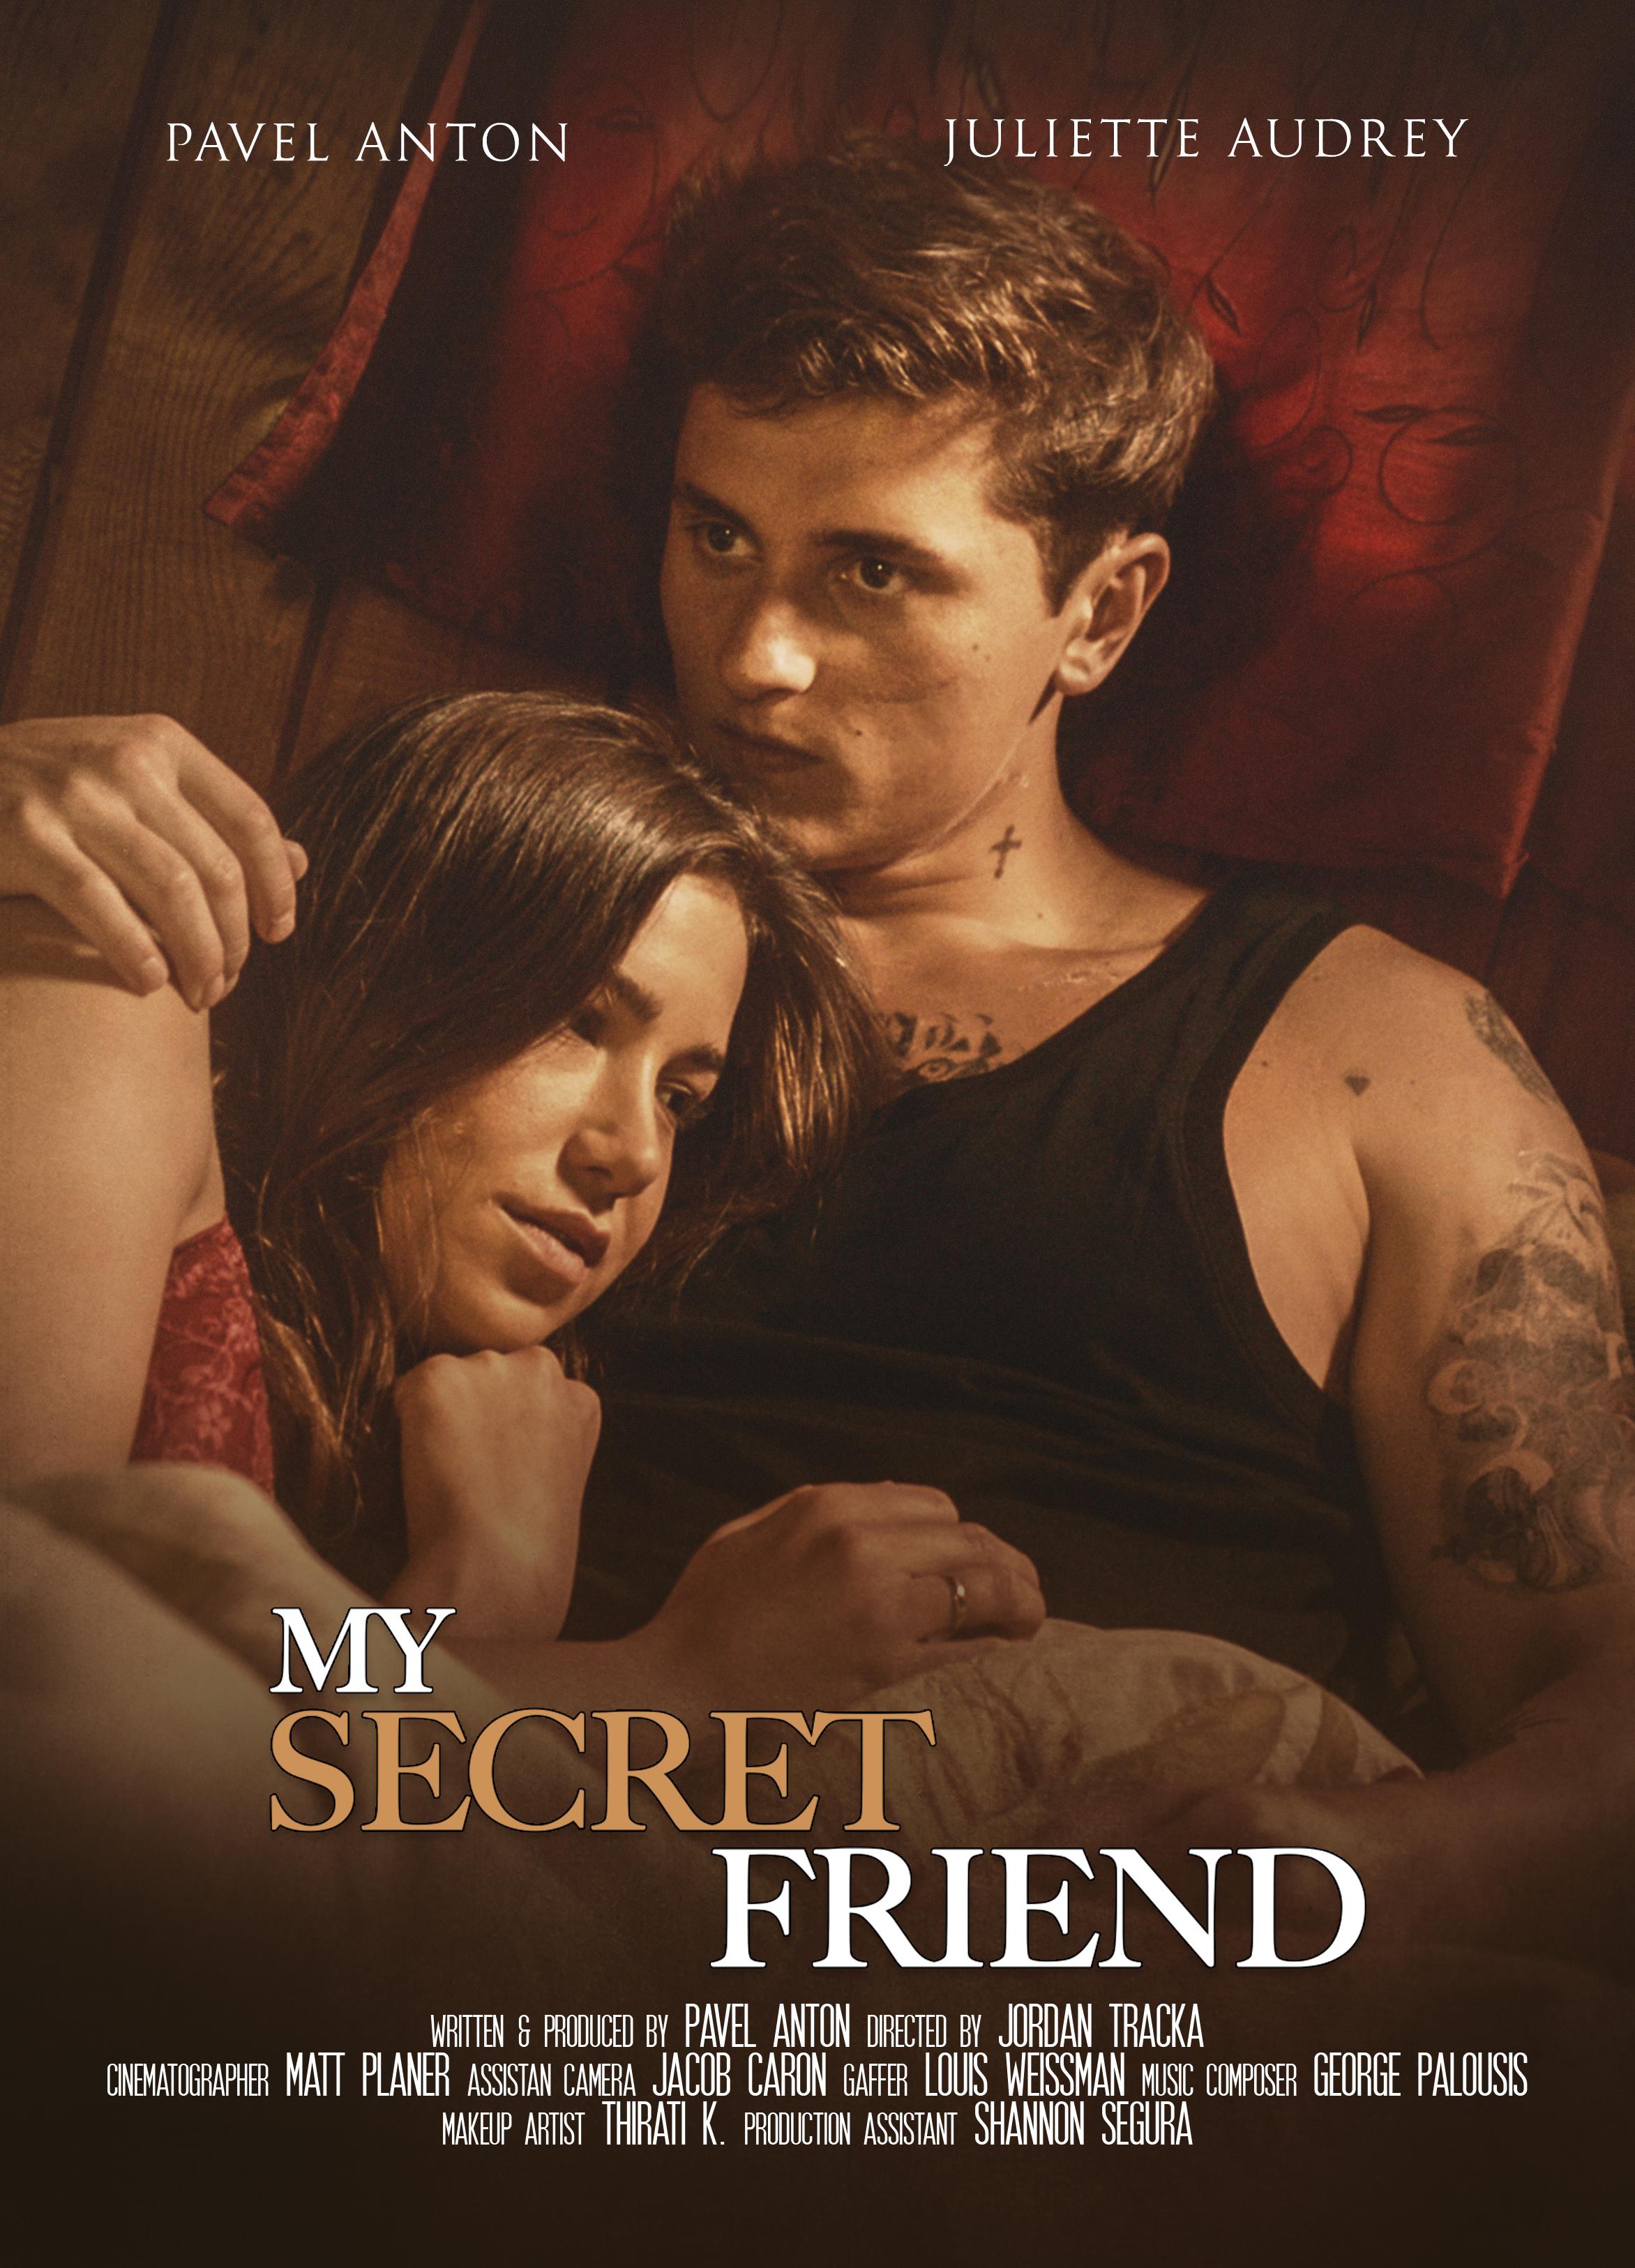 دانلود زیرنویس فارسی فیلم My Secret Friend